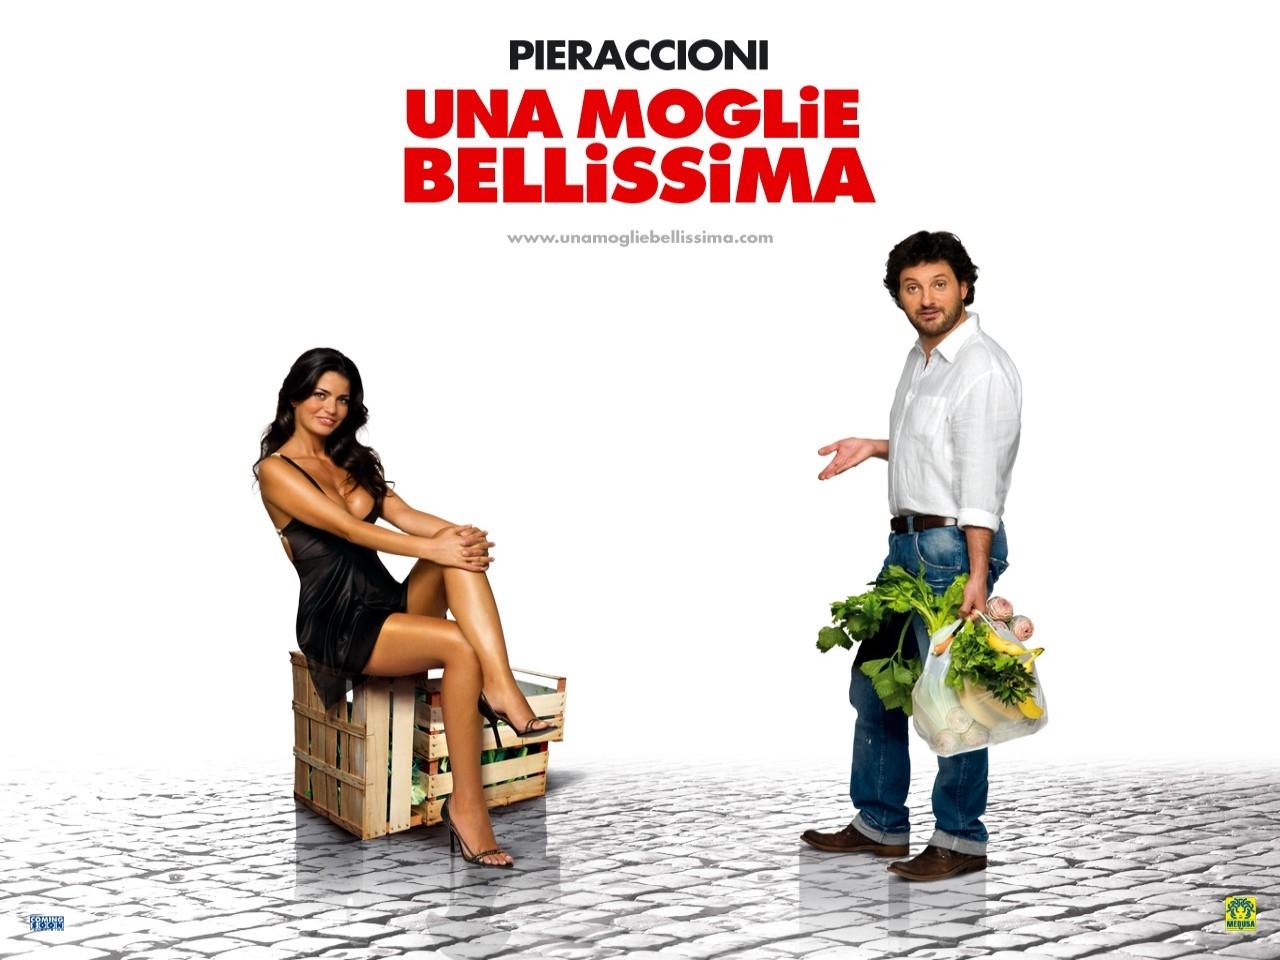 Wallpaper del film Una moglie bellissima con Leonardio Pieraccioni